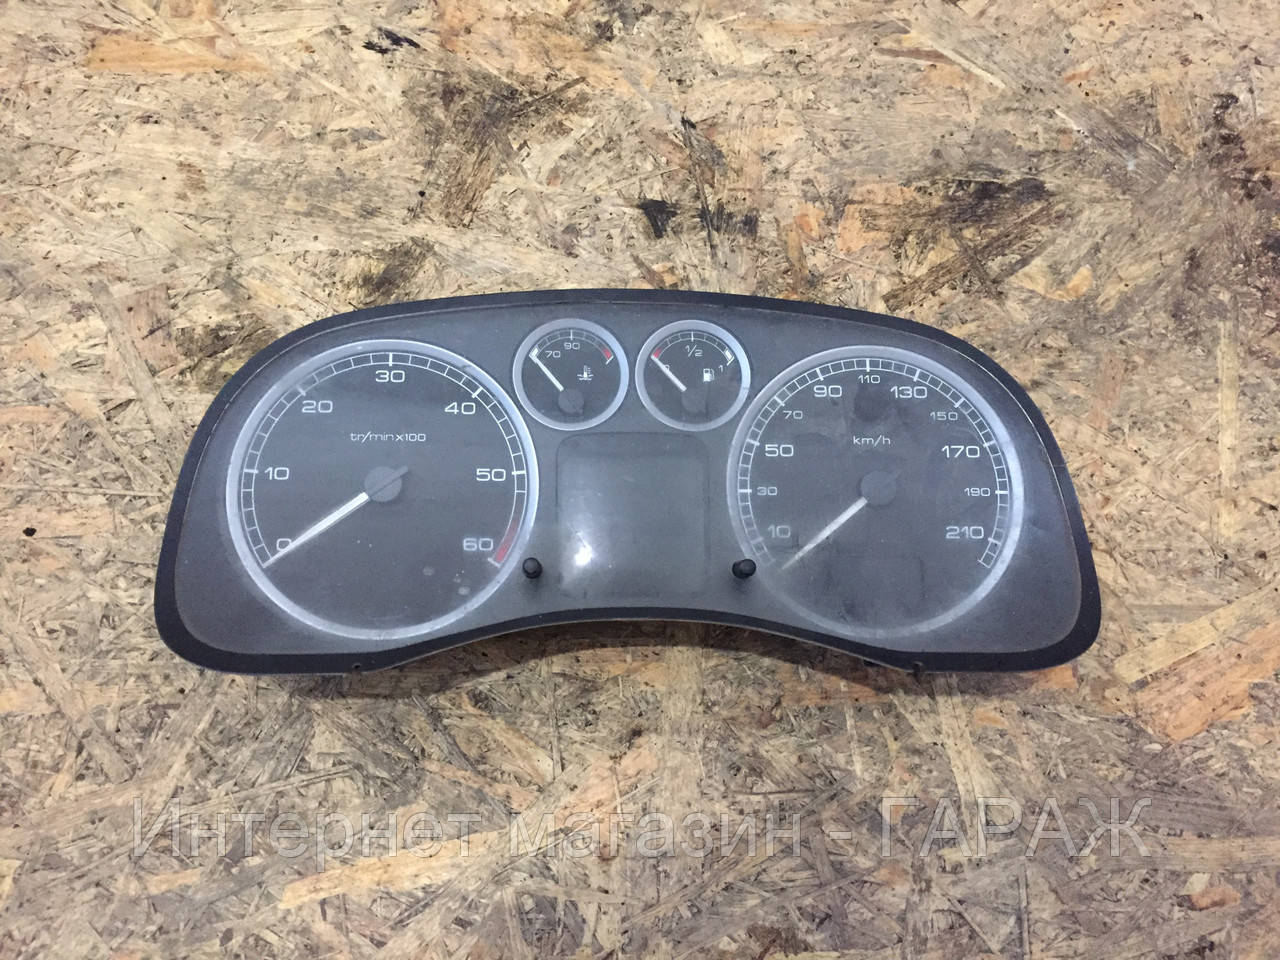 Панель приборов Peugeot 307 2.0 HDI 210км 2001-2008